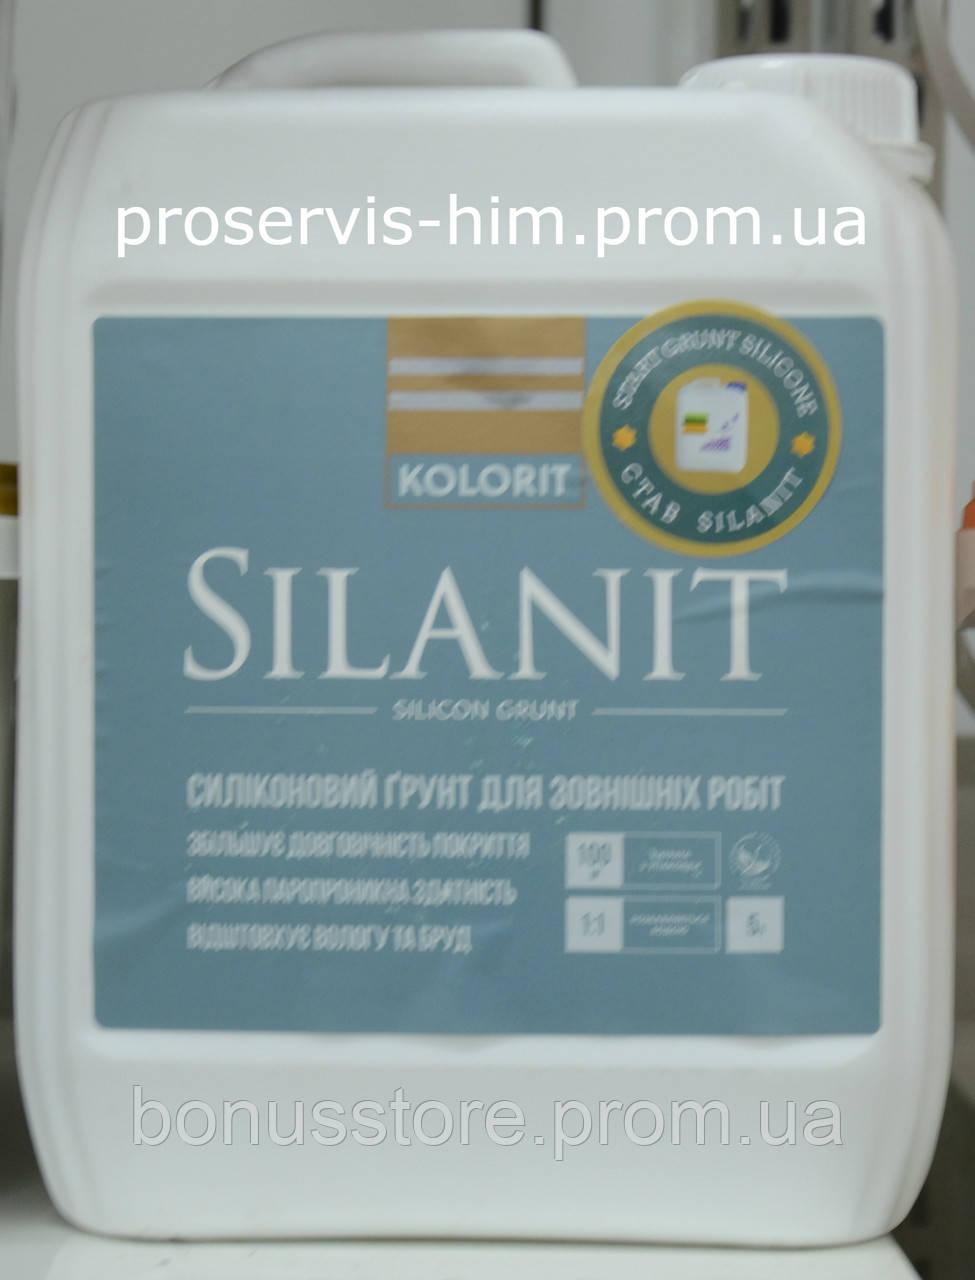 Силиконовый грунт для наружных работ Silanit 10л - ПРОФ-ХИМ express в Виннице